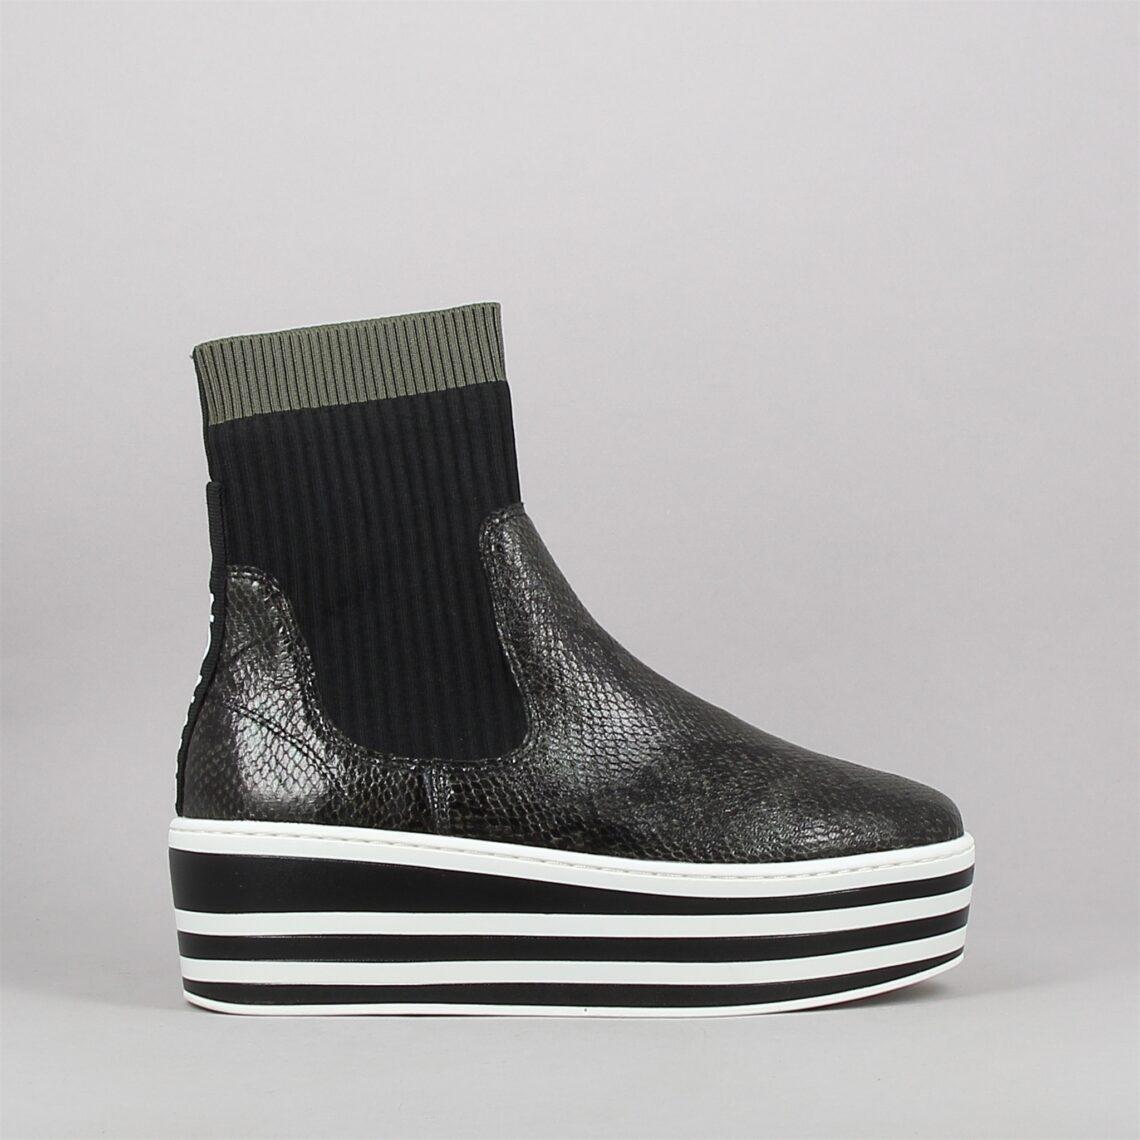 boost socks